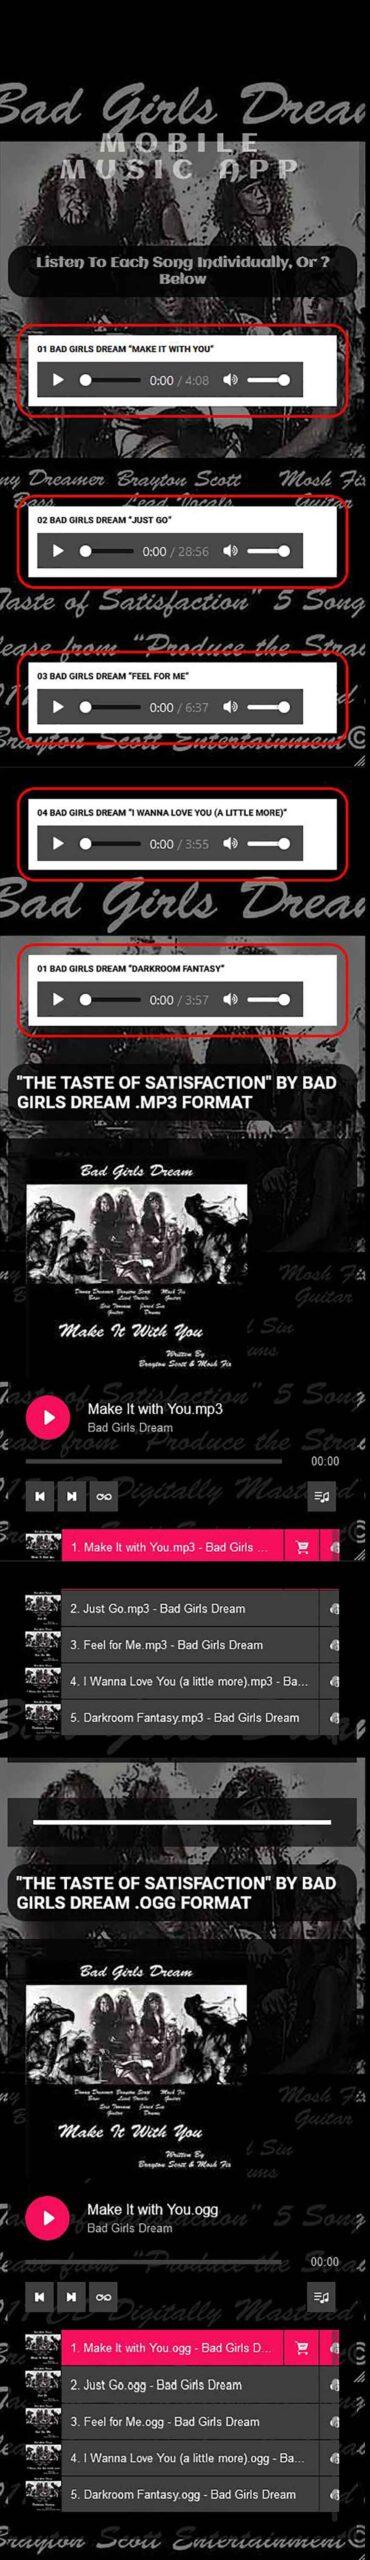 Image of Bad Girls Dream Album in App Site